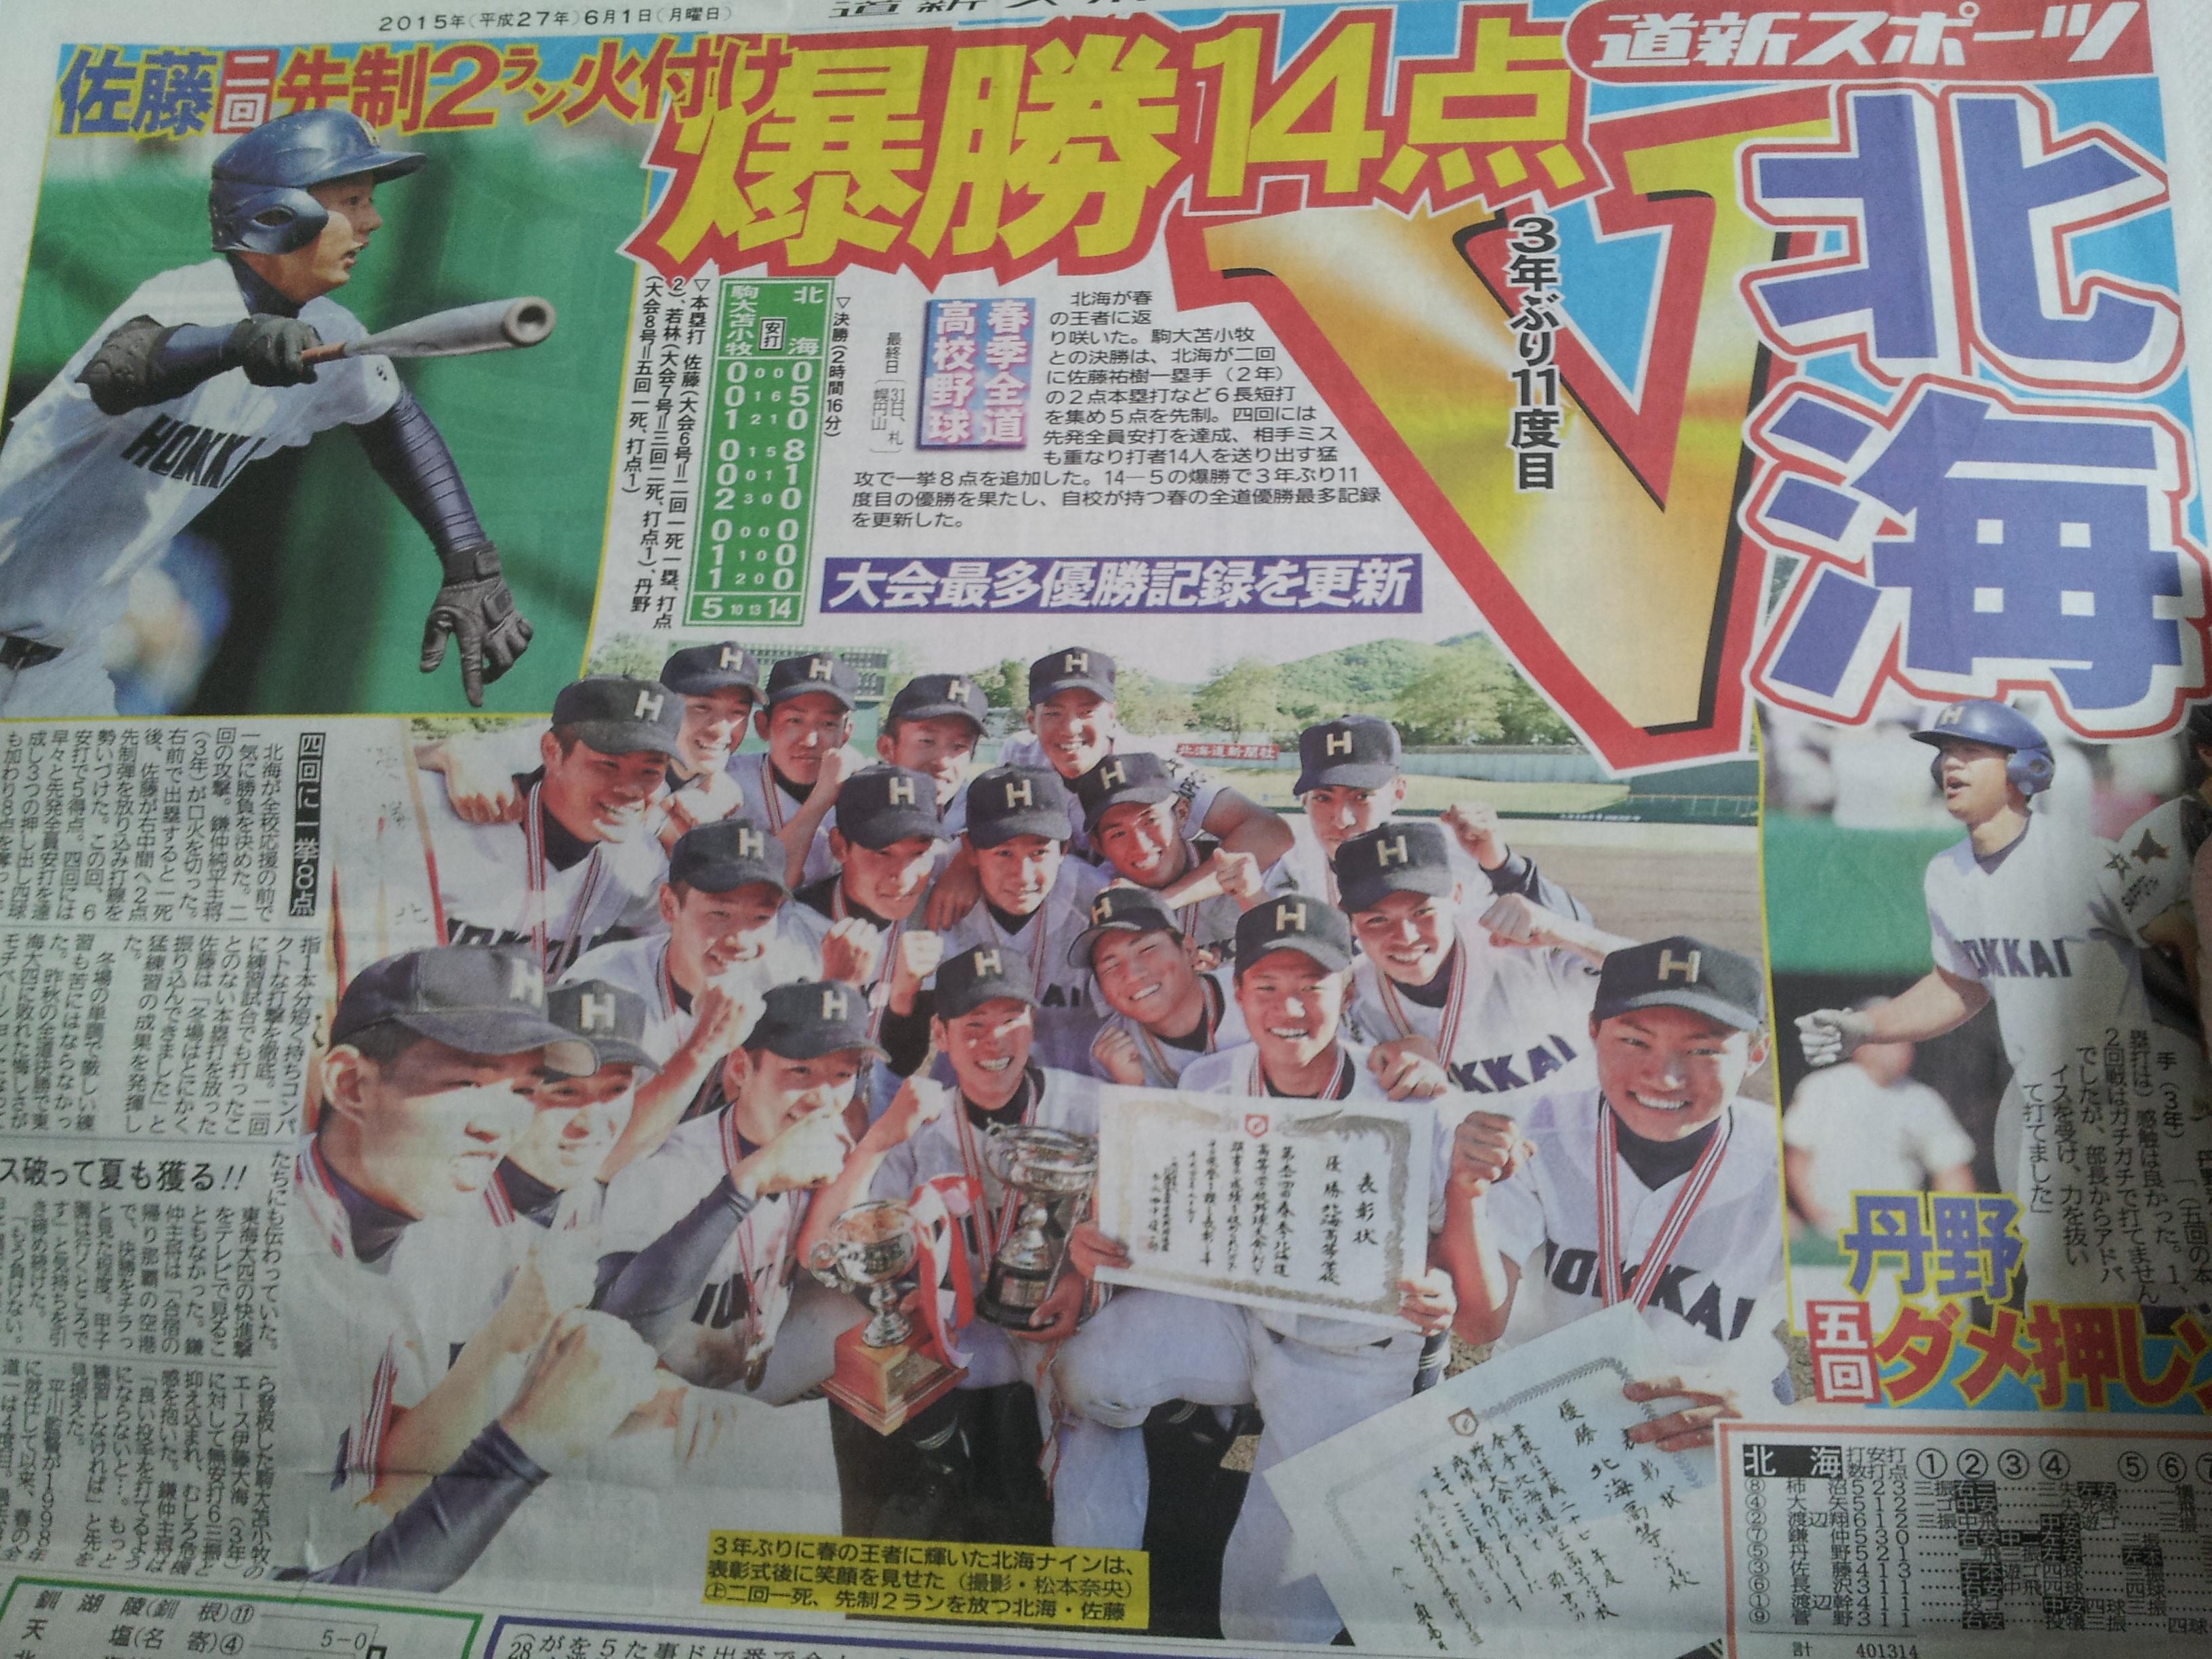 ... 、11度目V(春季全道高校野球